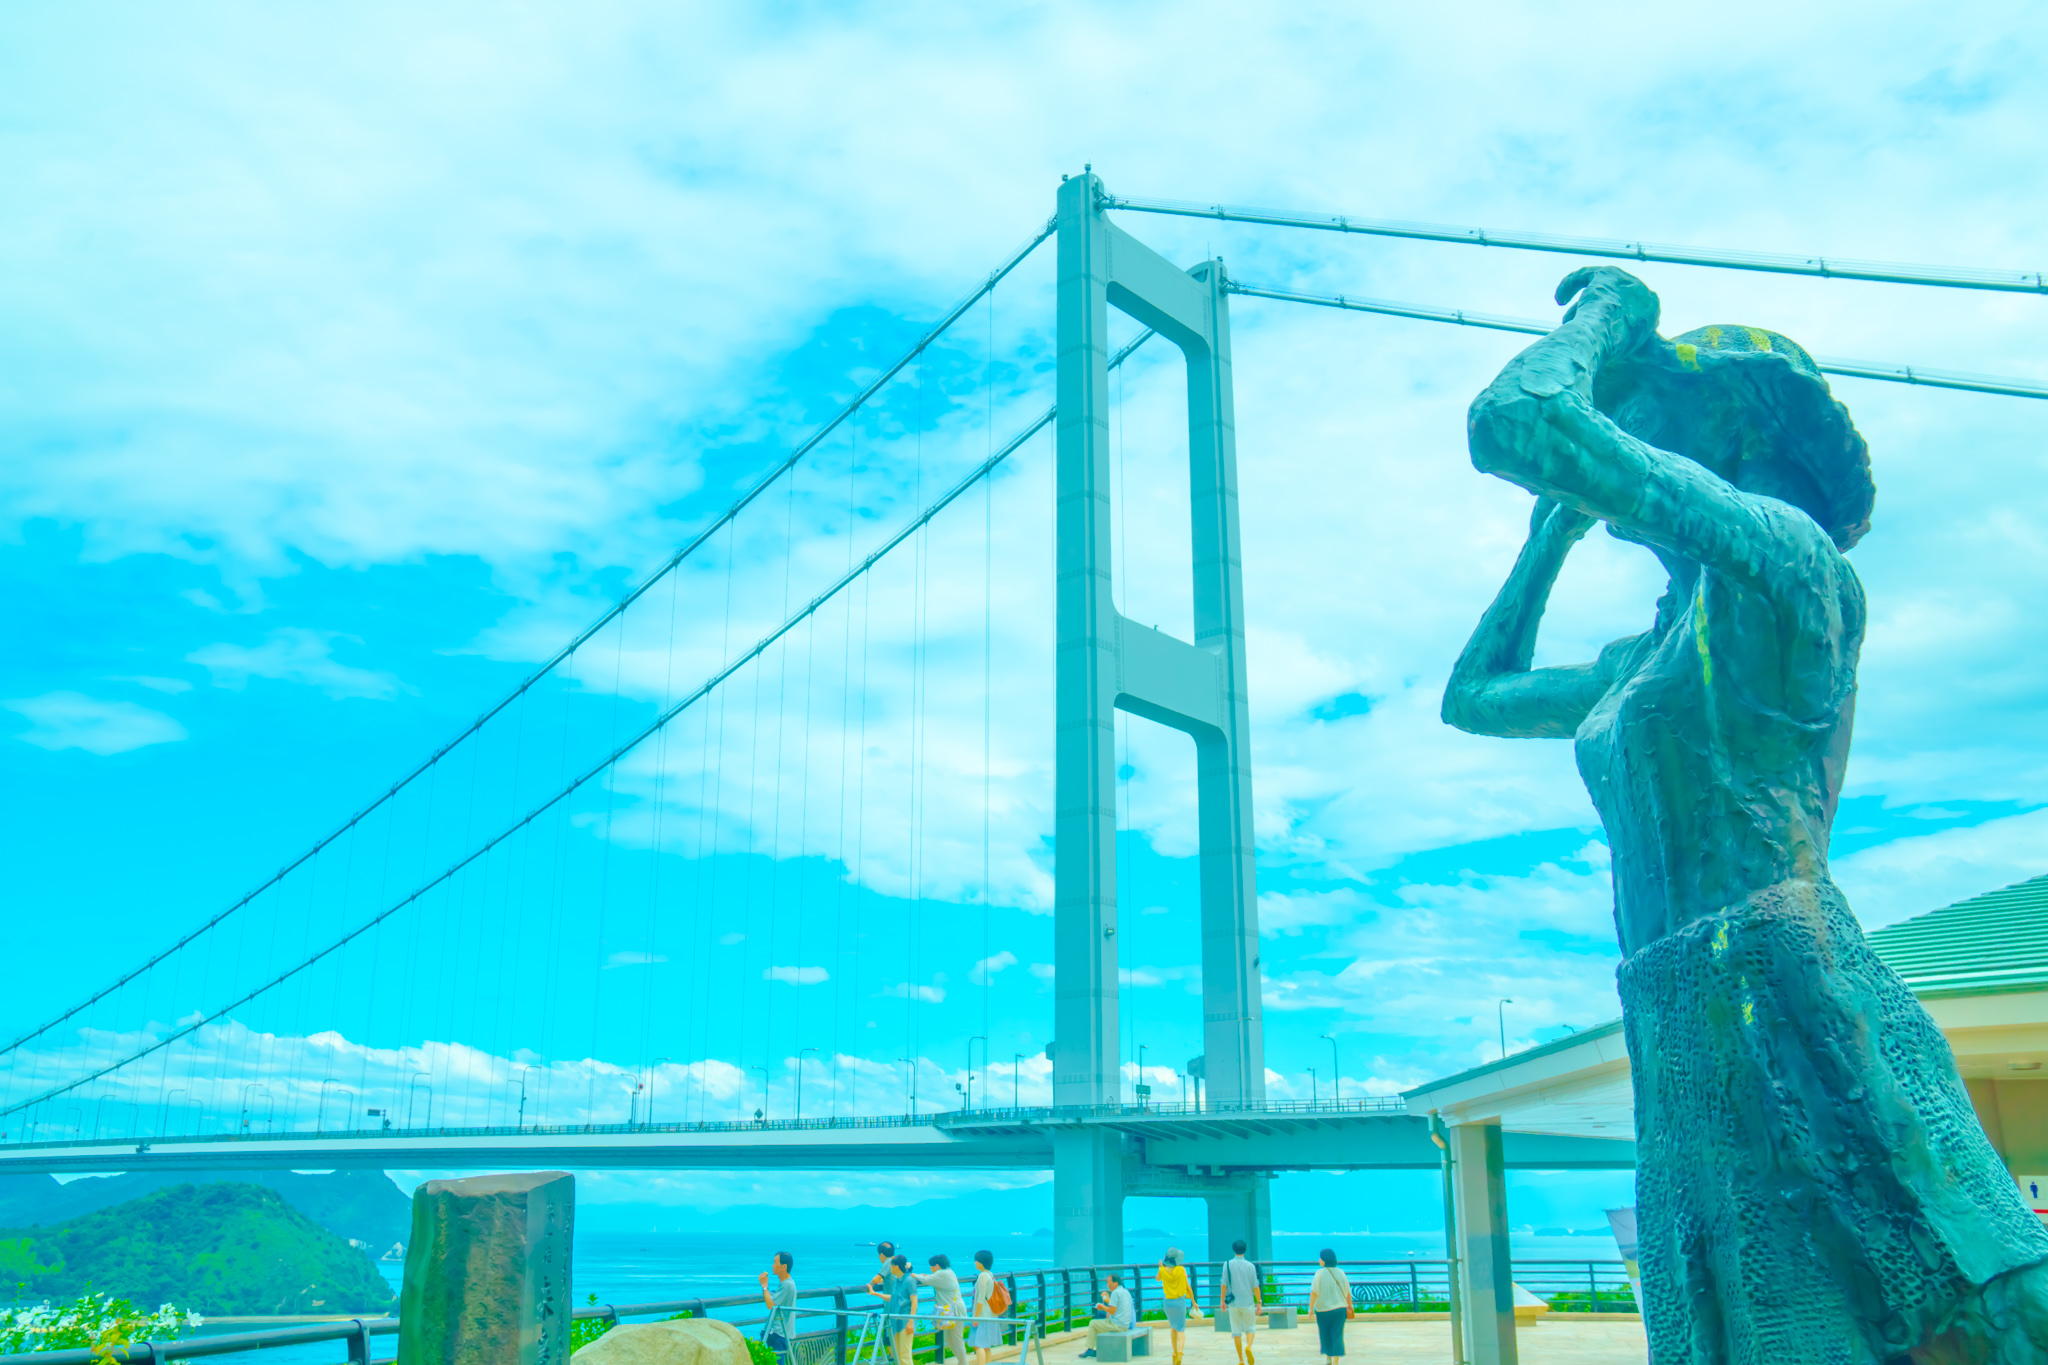 Shimanami Kaido Kurushima Kaikyo Bridge